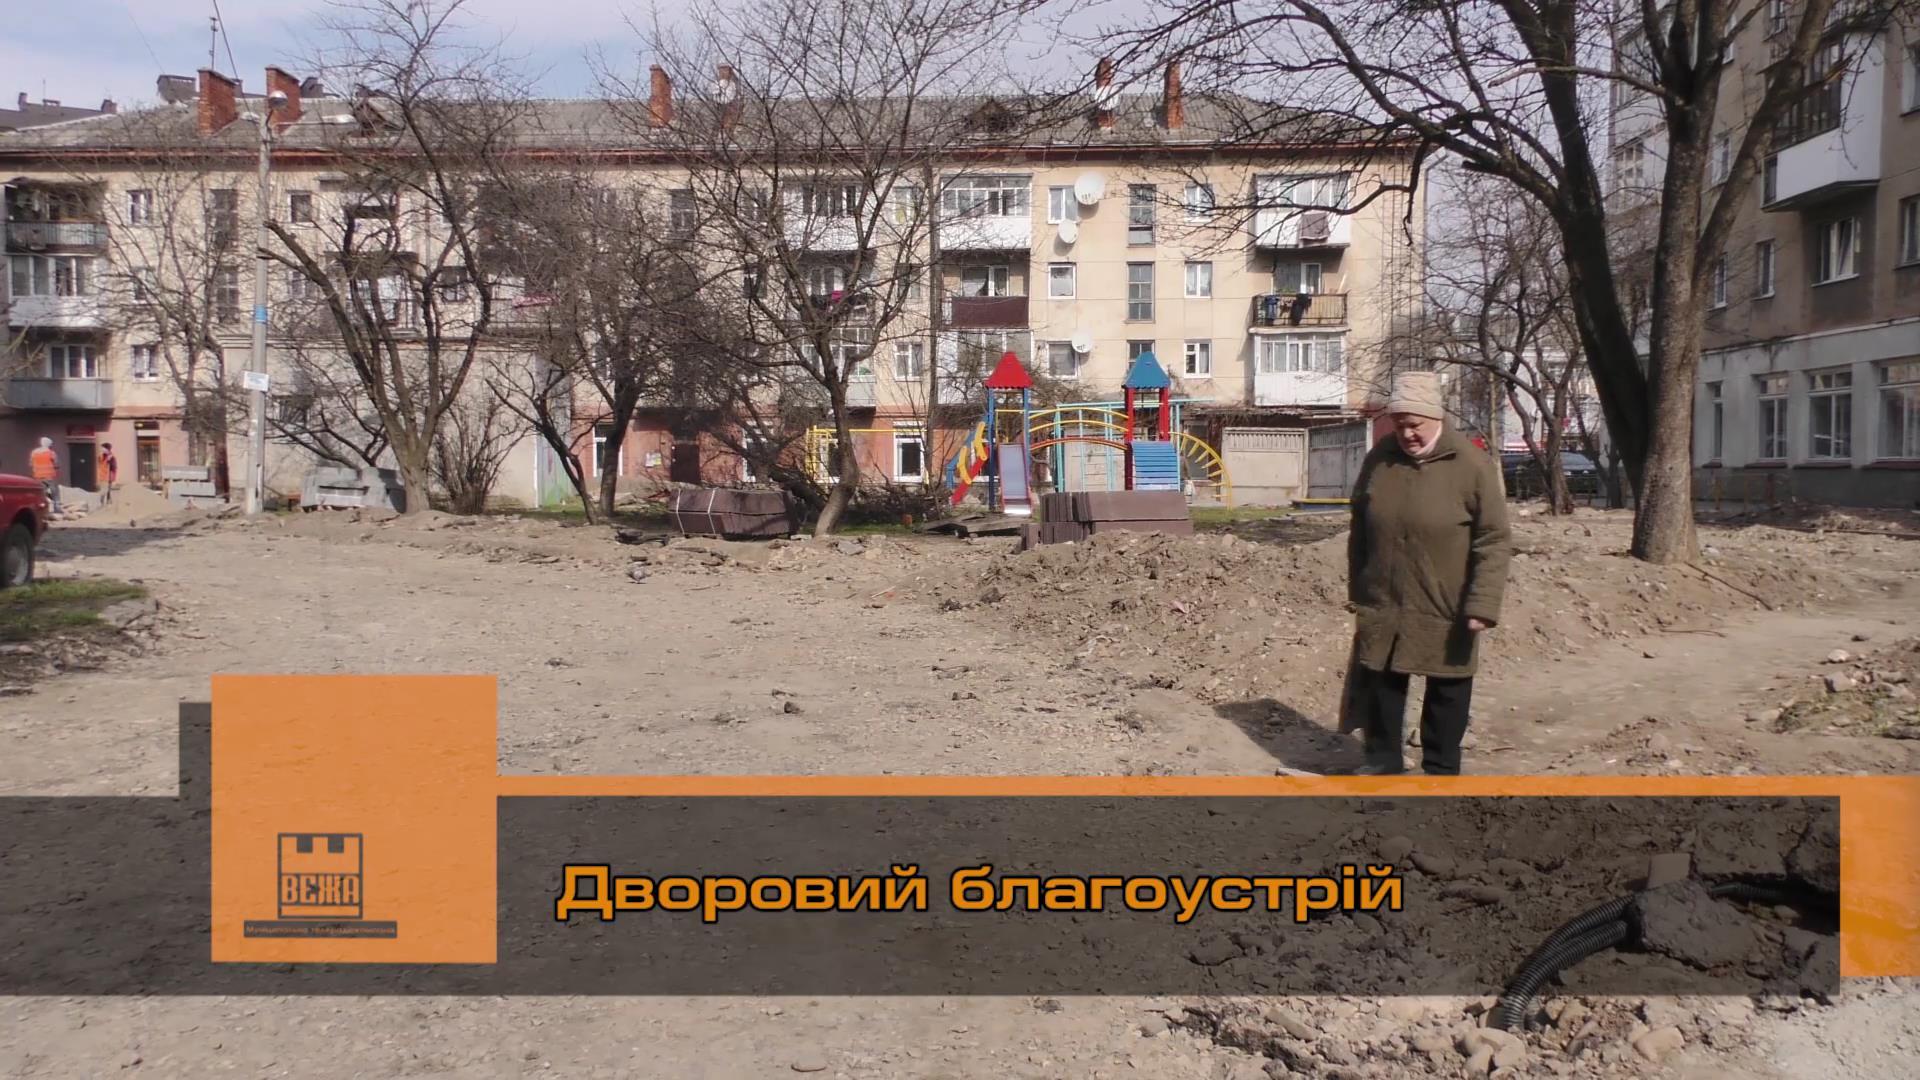 ВІСНИК_Дворовий благоустрій[17-04-48]